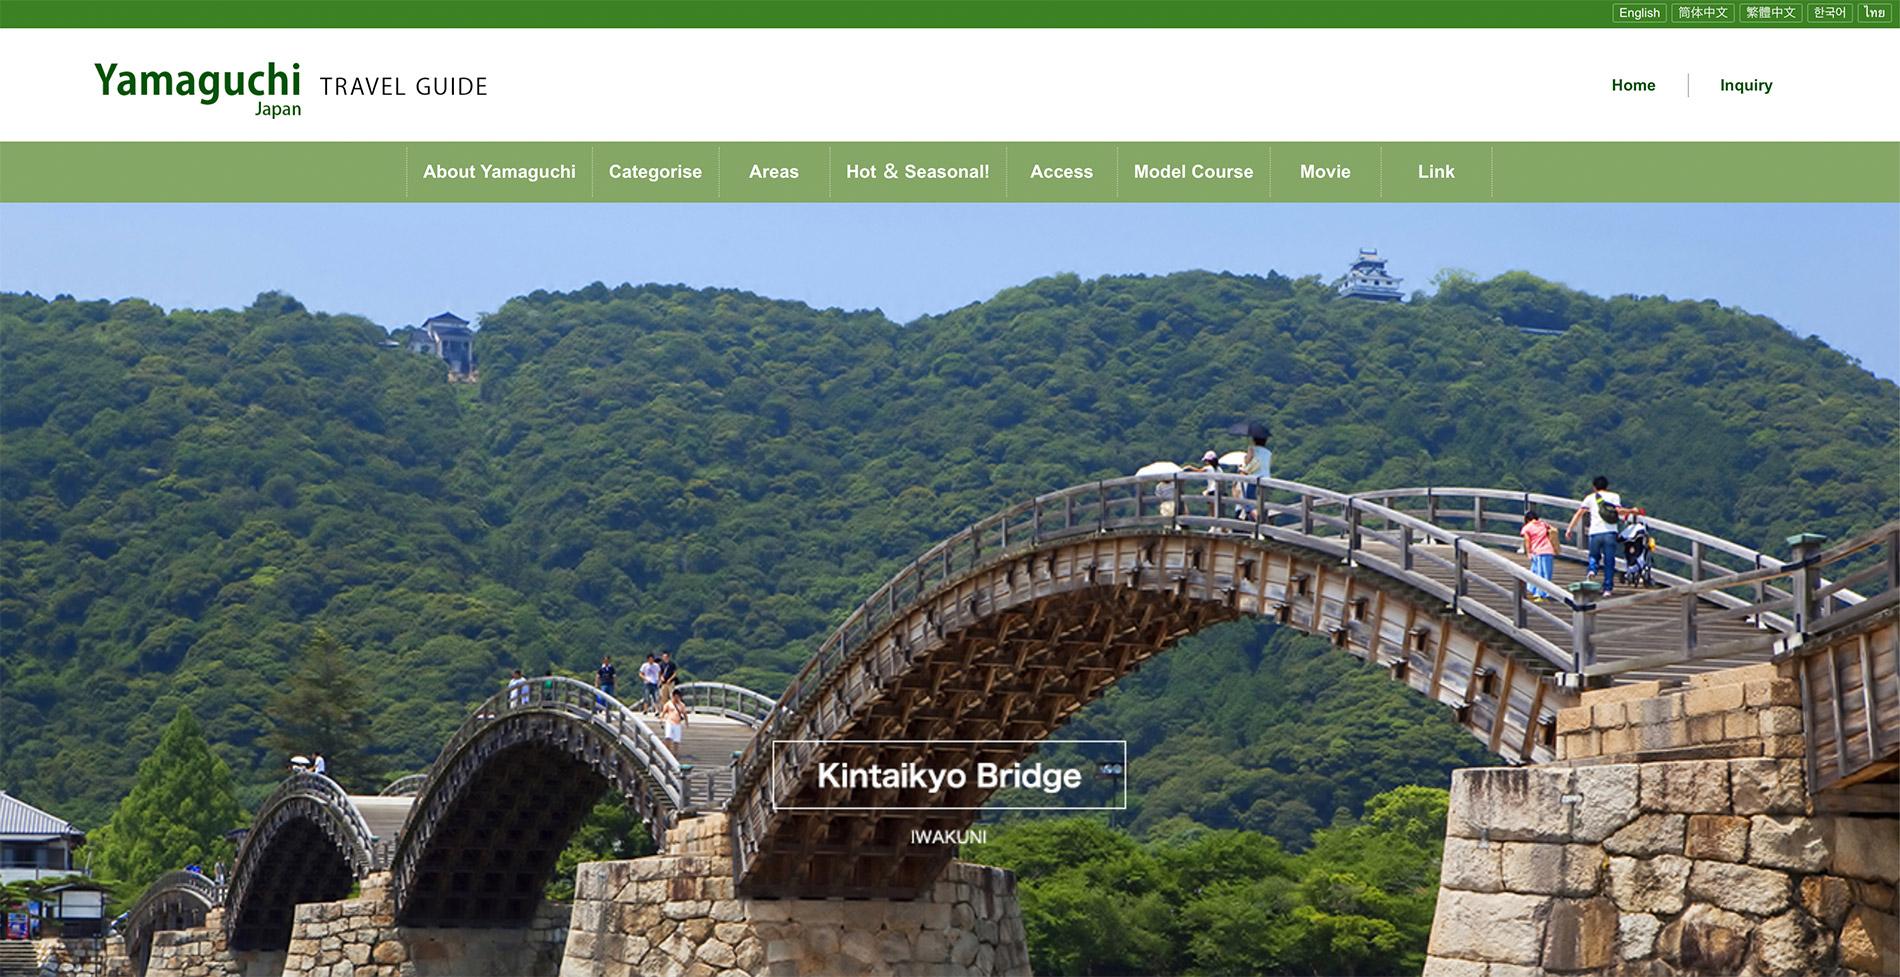 Die englische Webseite des Tourismusverbandes der Präfektur Yamaguchi.